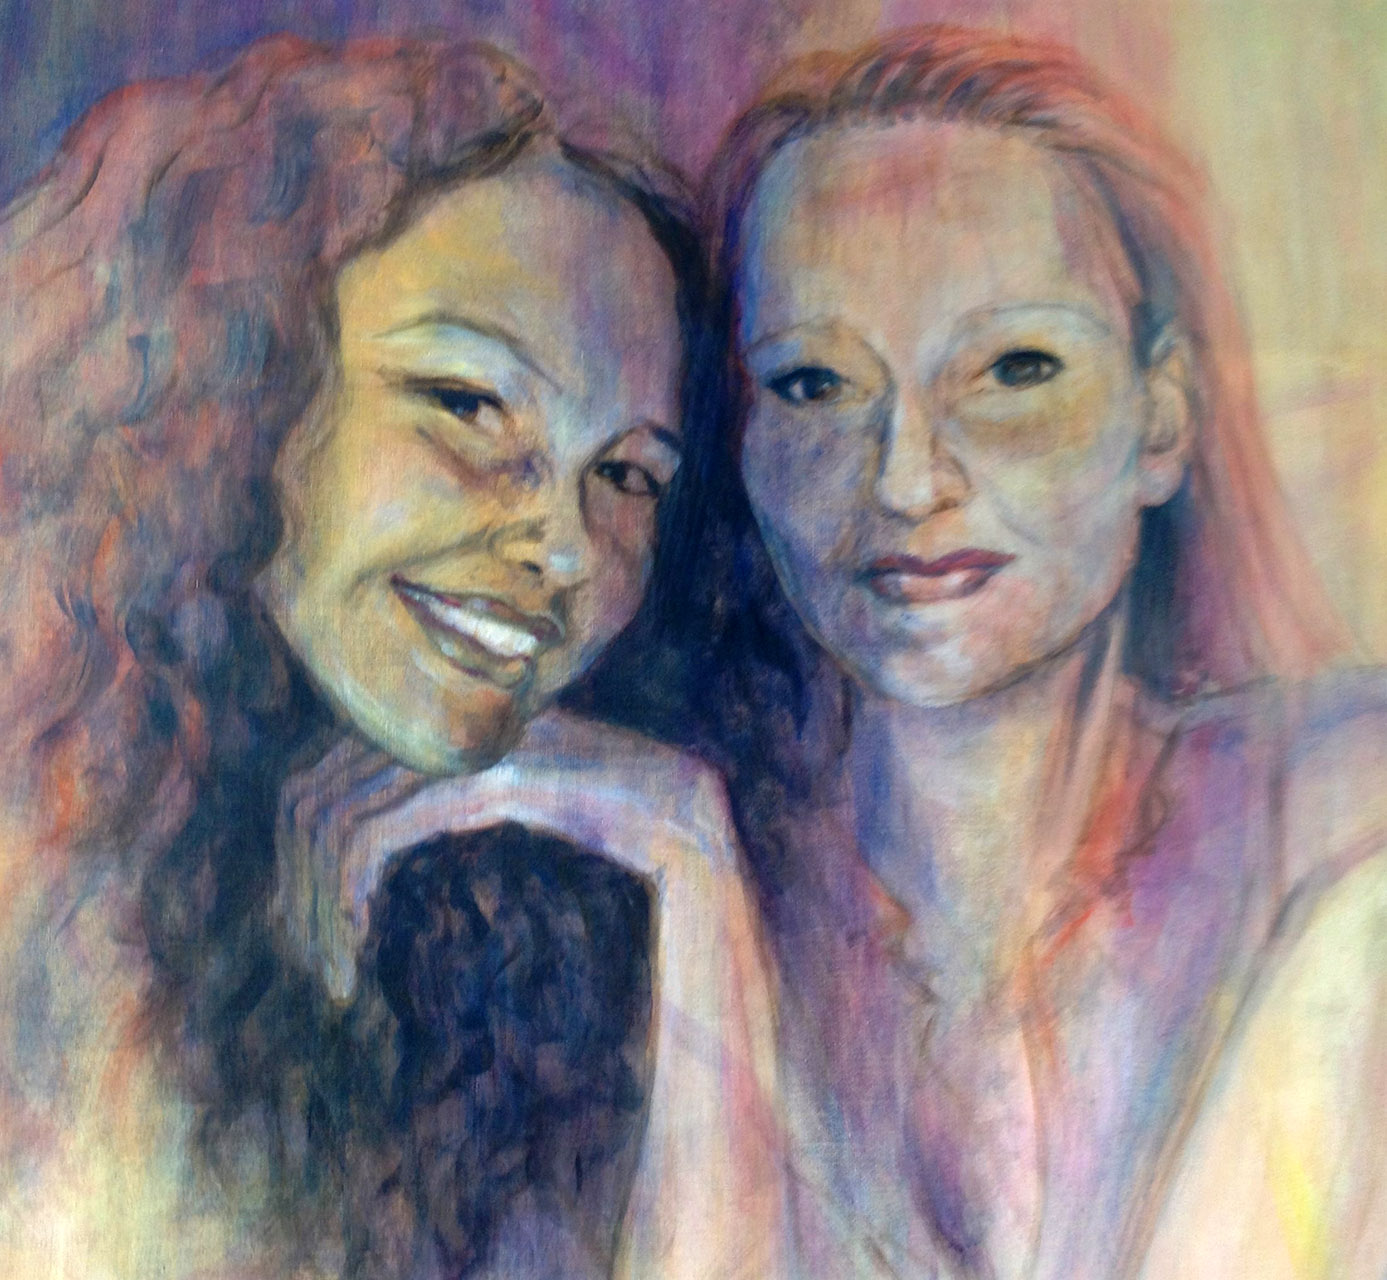 Willie van Schie_Kamps_Daughters_acryl op doek_120x100